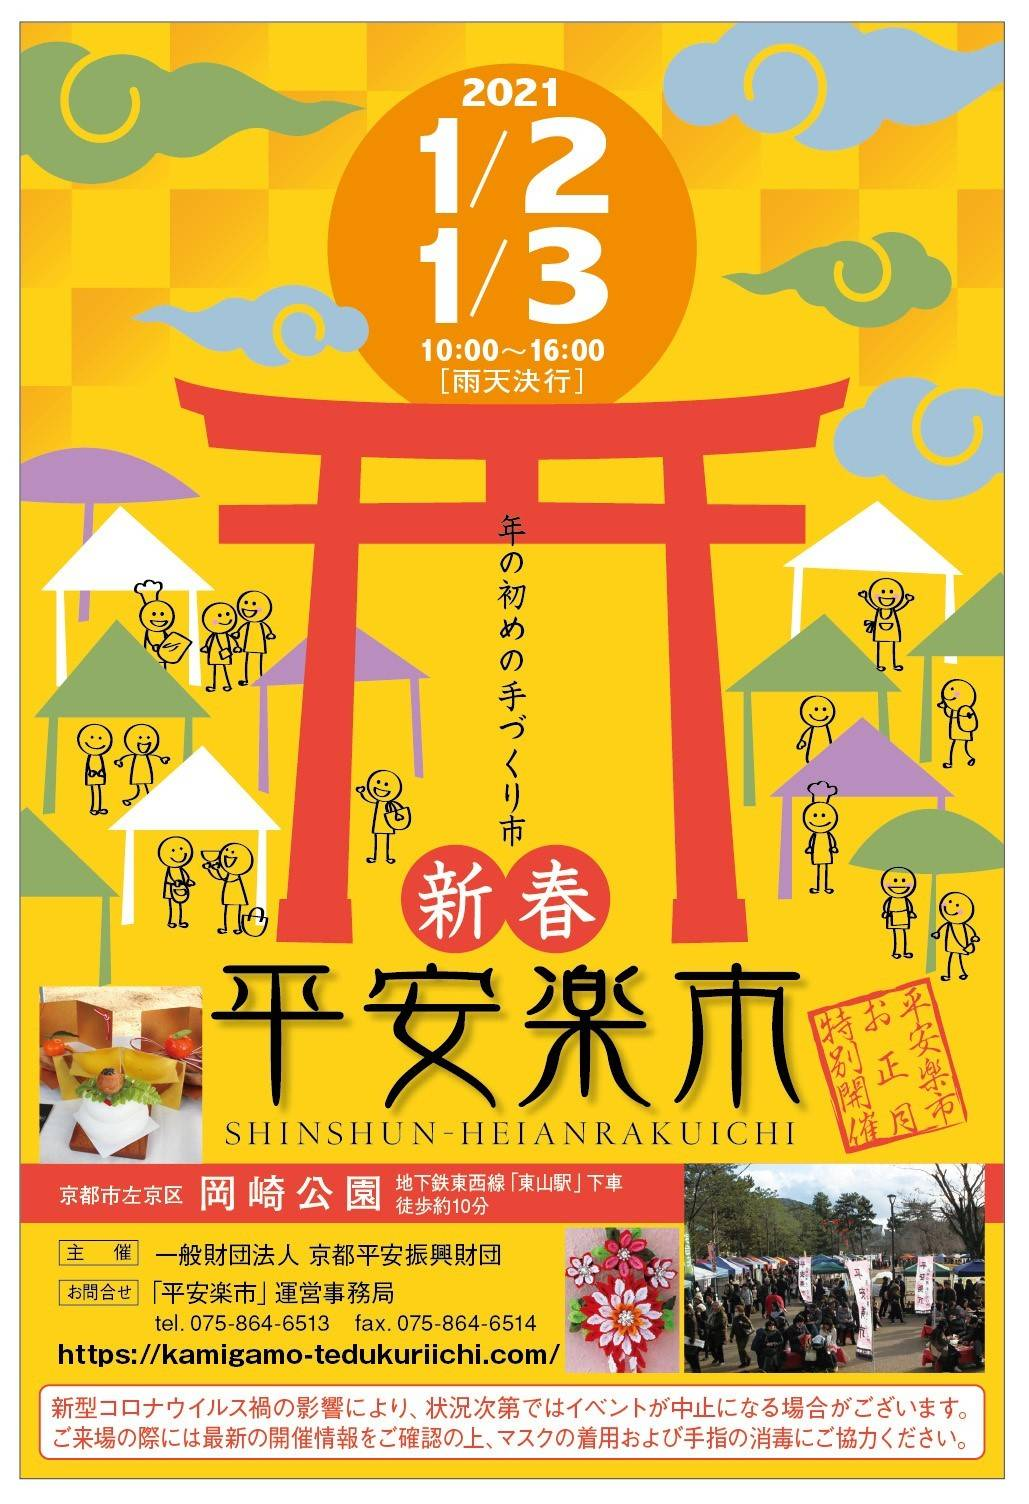 2021年1月2日(土)、3日(日)京都岡崎公園「新春・平安楽市」に出店します。